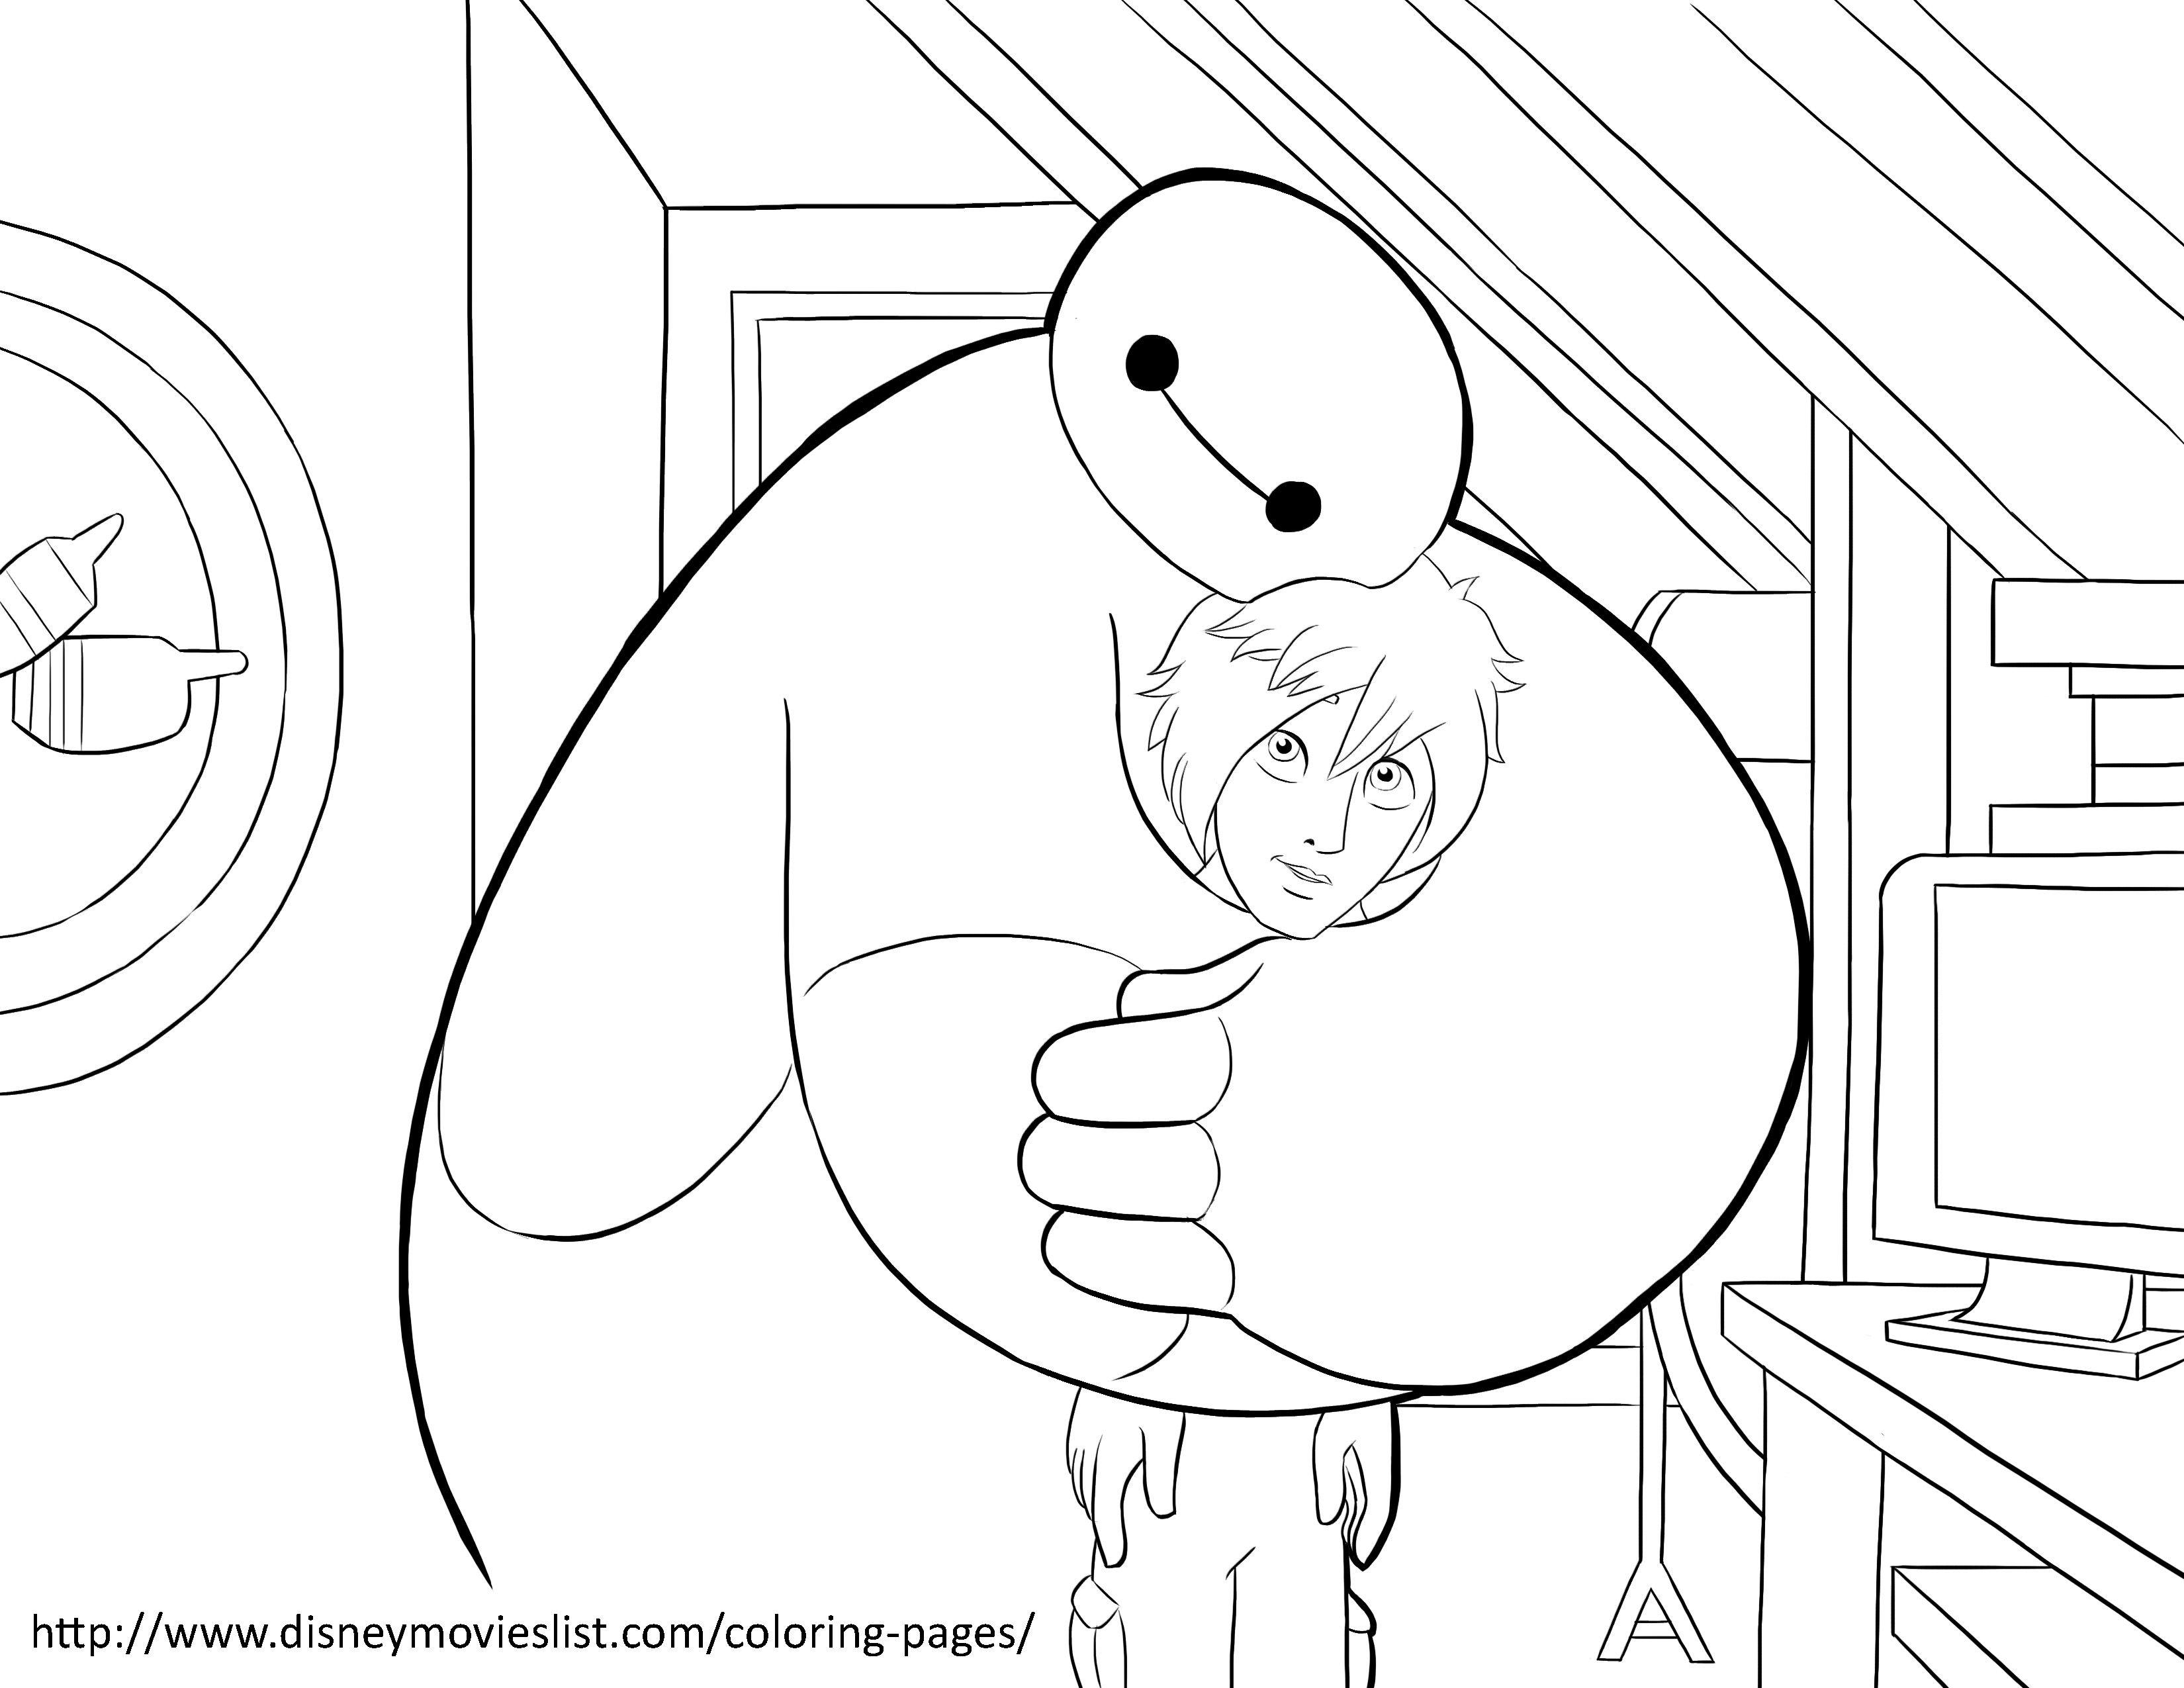 Dibujos De Grandes Héroes 6 Para Colorear Dibujosonlinenet